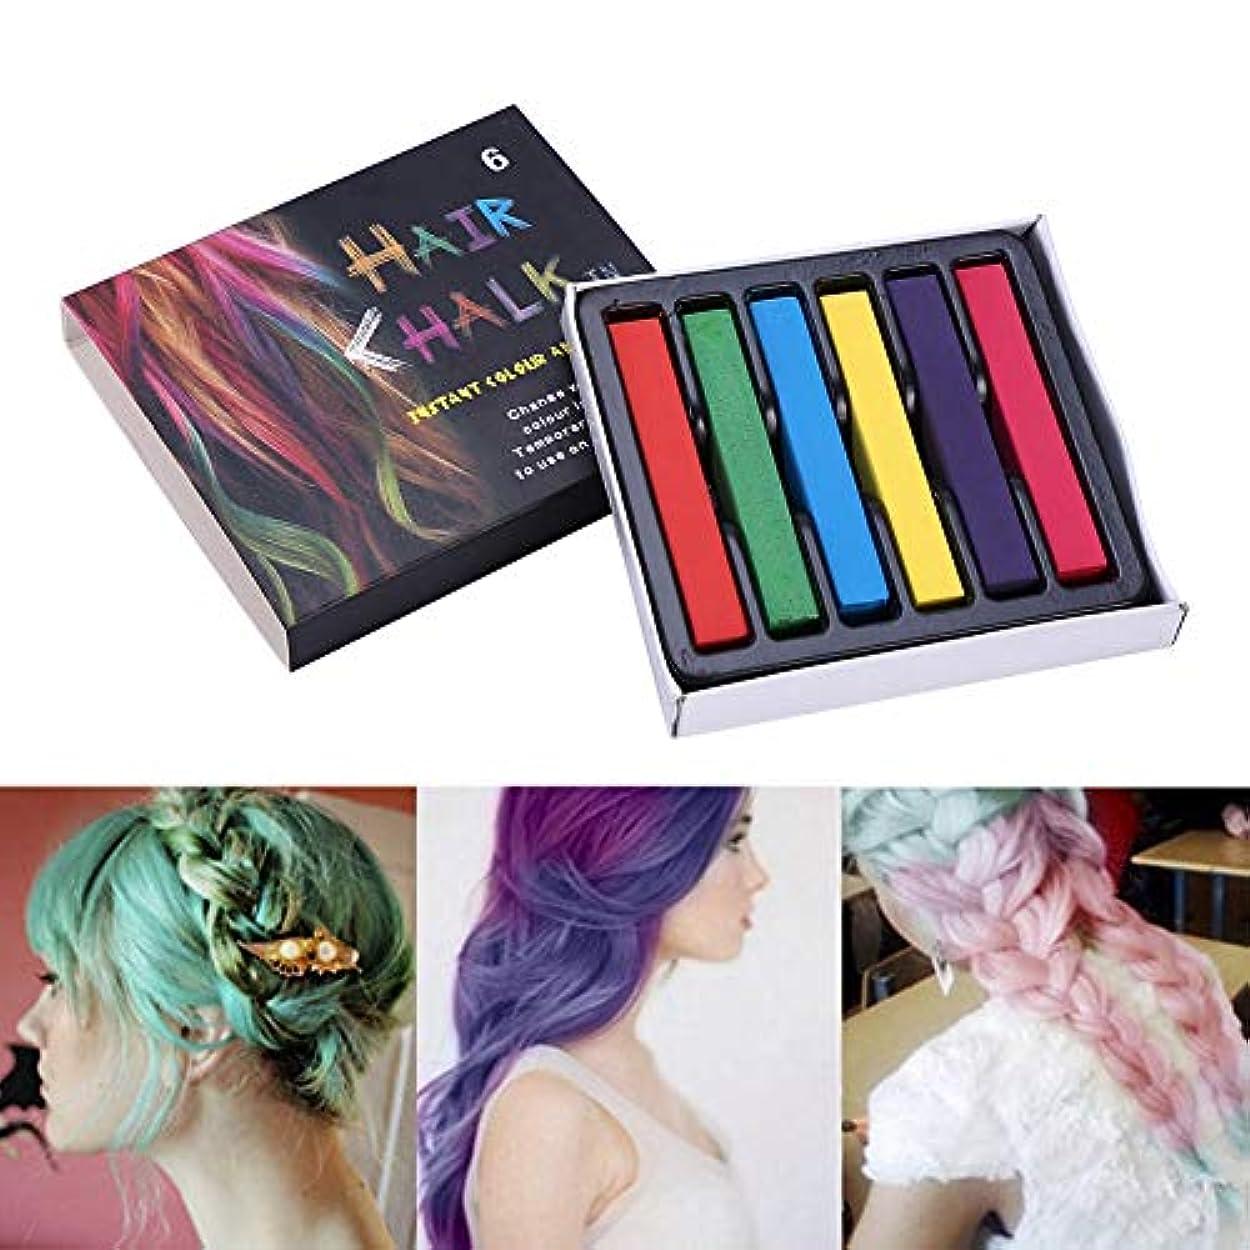 配当喜びストレンジャー36色 ウェットヘア ドライヘア 両方 一時的 髪の色の染料の毛のチョークのための無毒な毛の染料(6色)